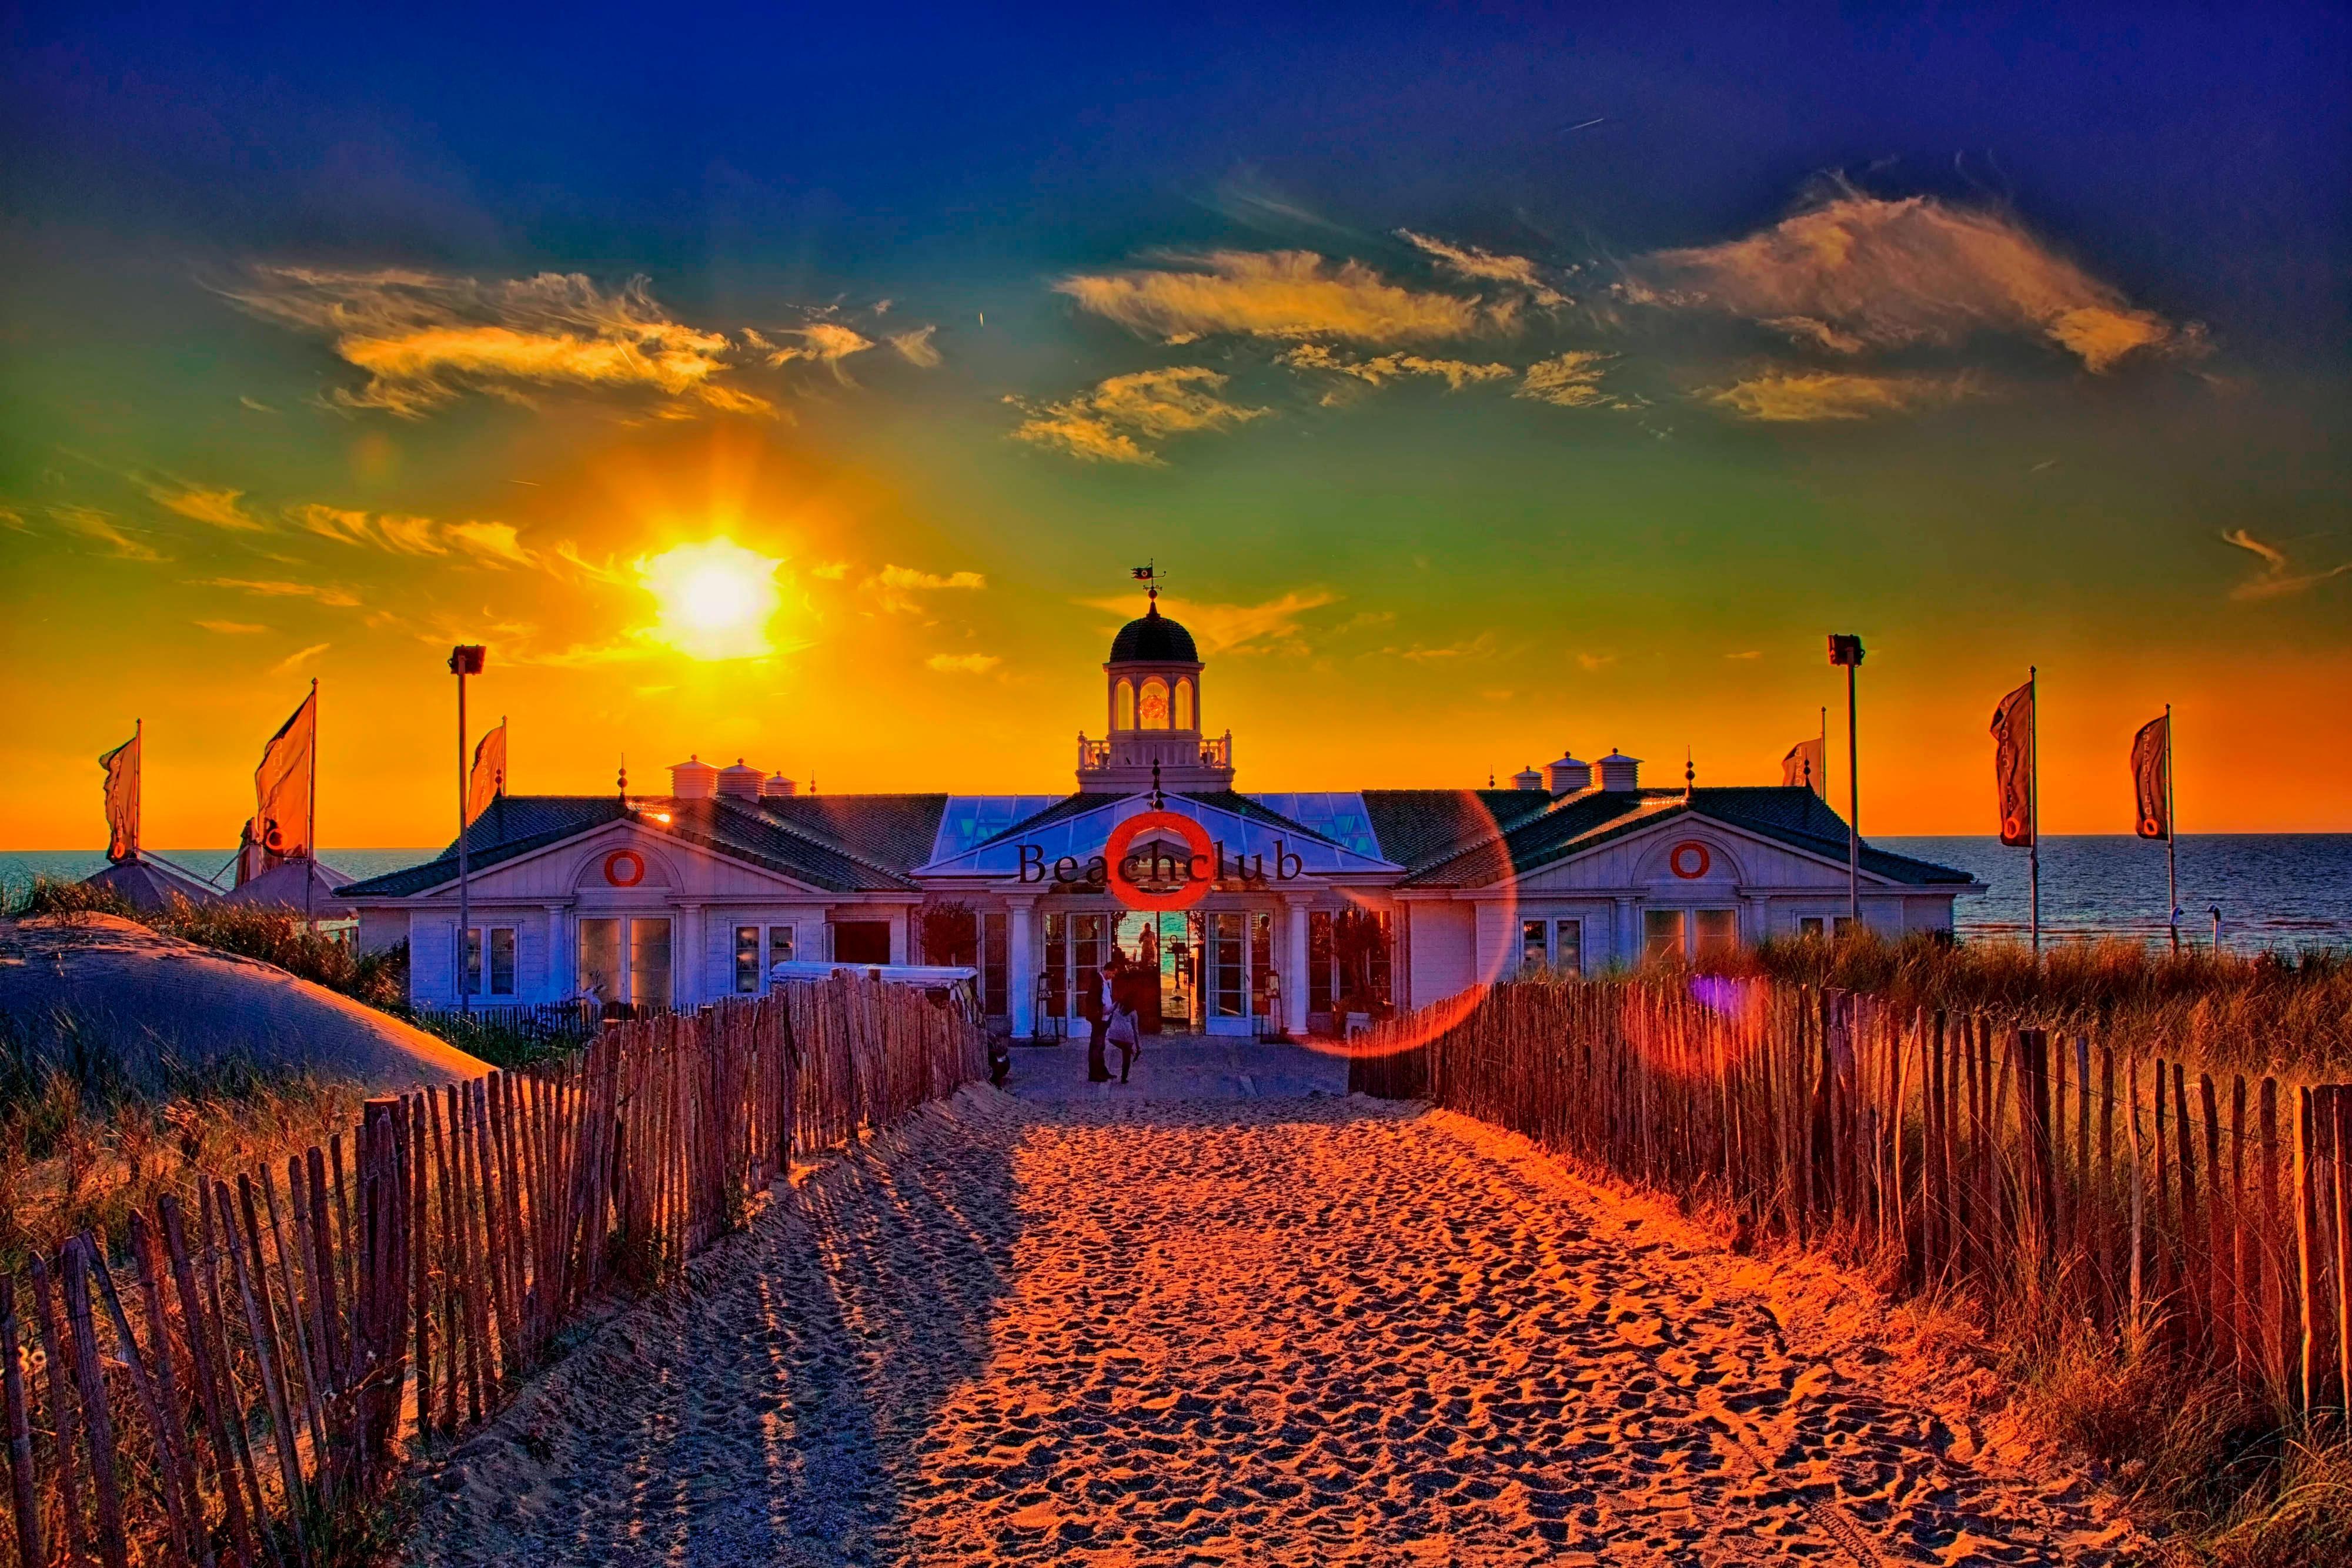 Coucher de soleil estival sur le club de plage ouvert toute l'année